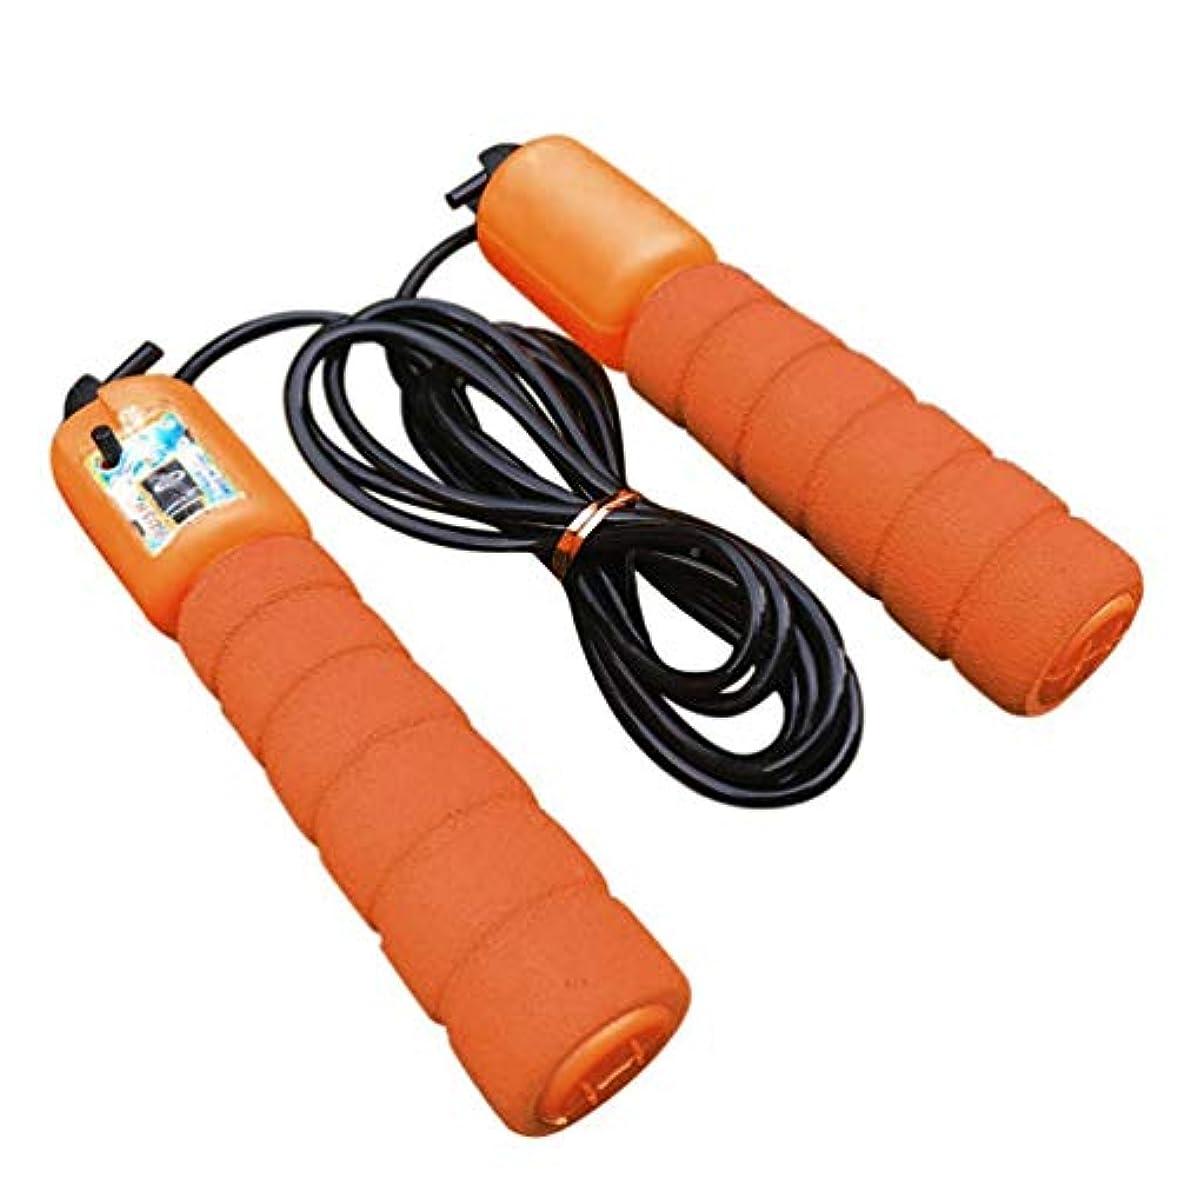 規範プレーヤー里親調整可能なプロフェッショナルカウントスキップロープ自動カウントジャンプロープフィットネスエクササイズ高速スピードカウントジャンプロープ-オレンジ